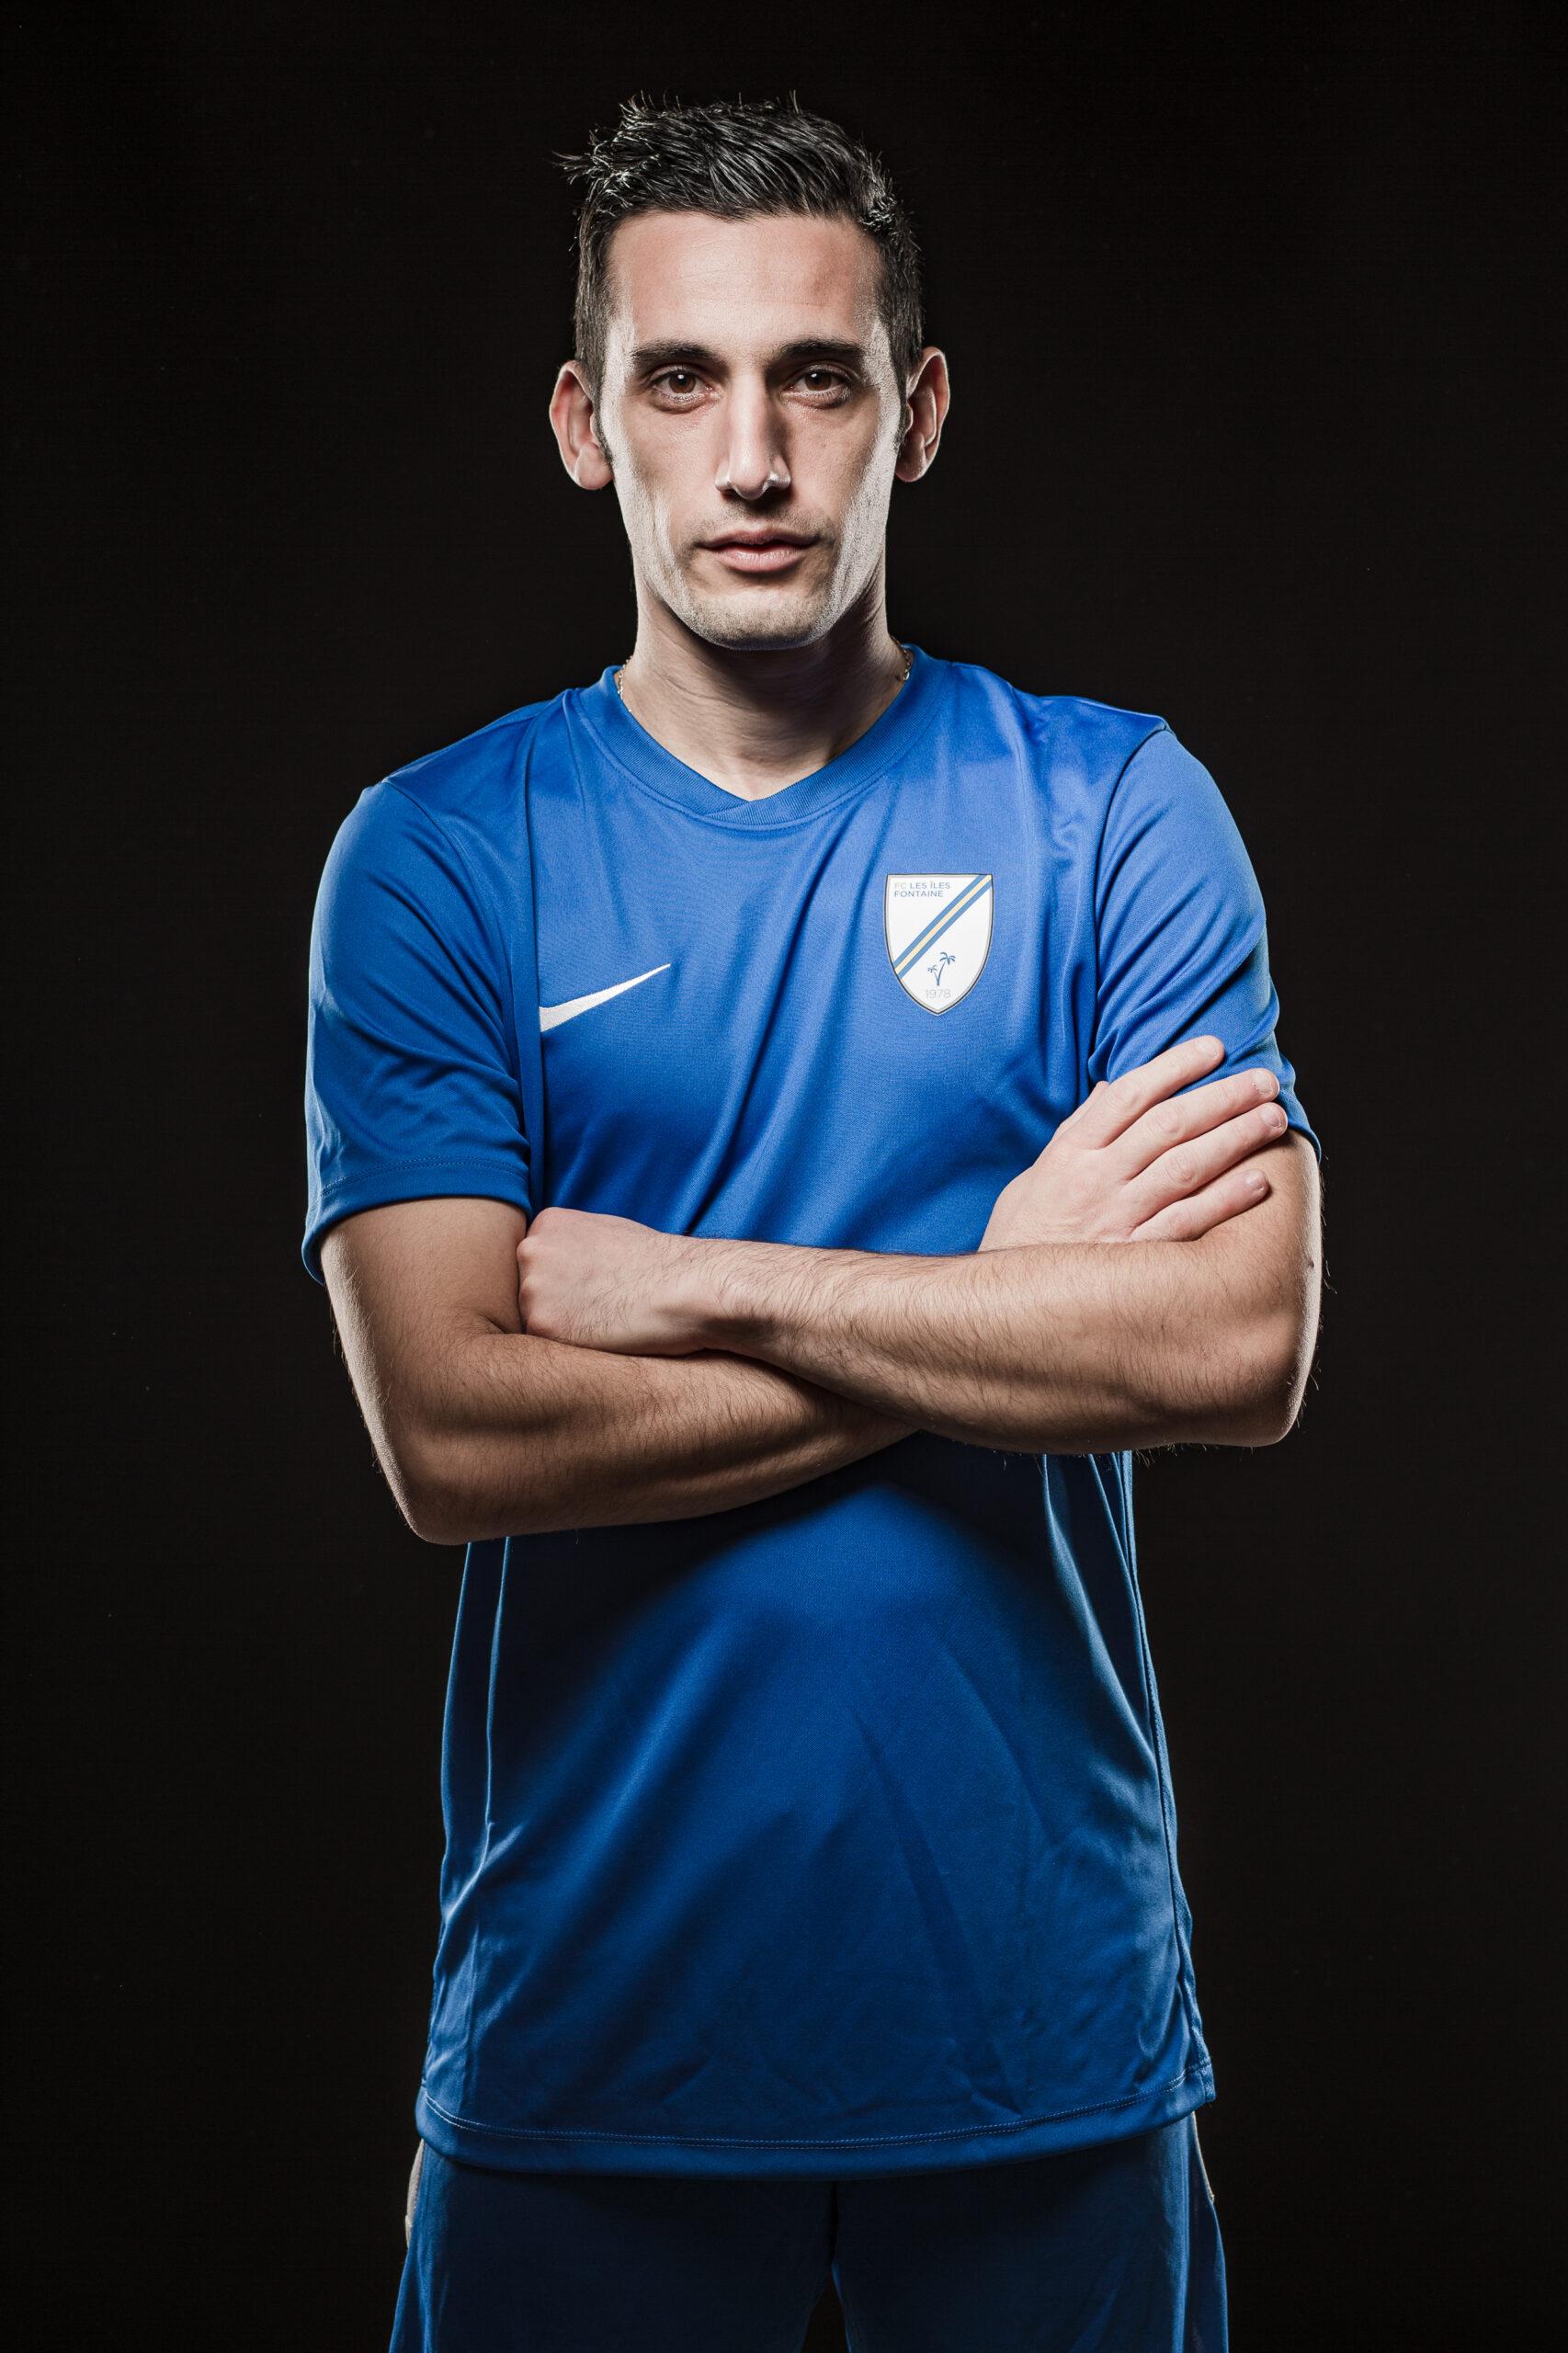 Portraits photo d'un joueur de foot à Grenoble réalisé par le photographe Christophe Levet